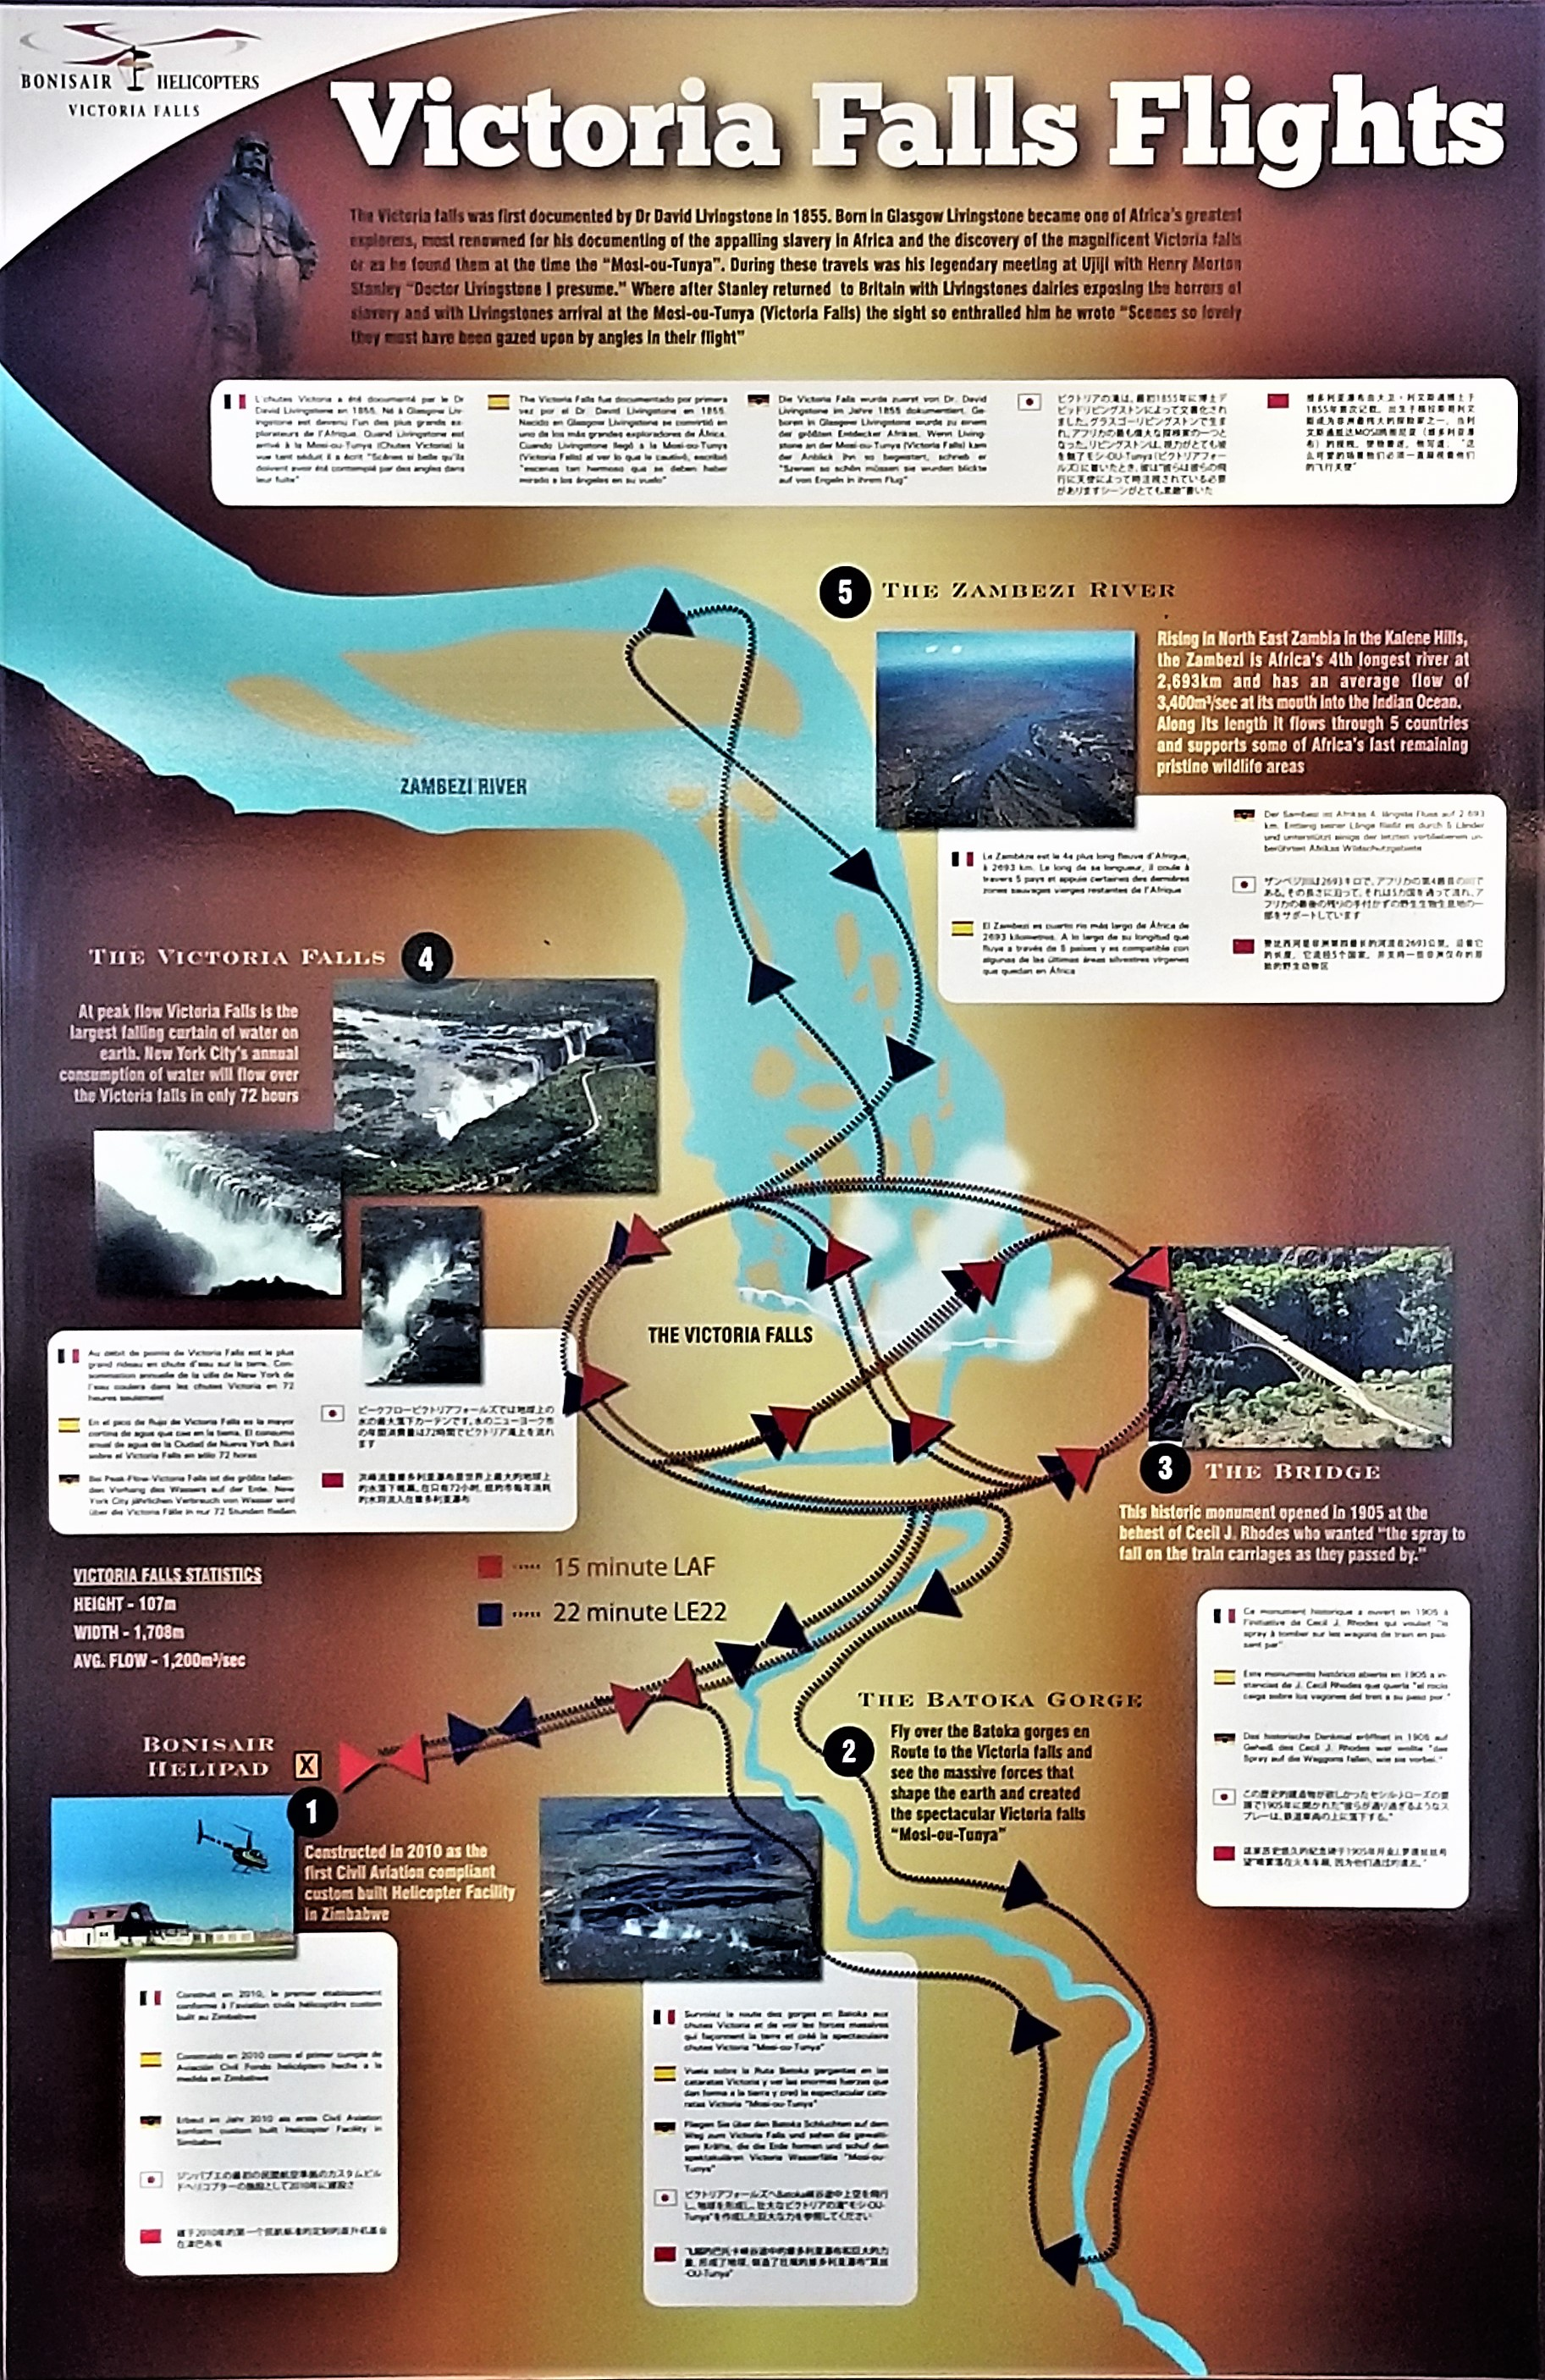 Victoria Falls Flights.jpg